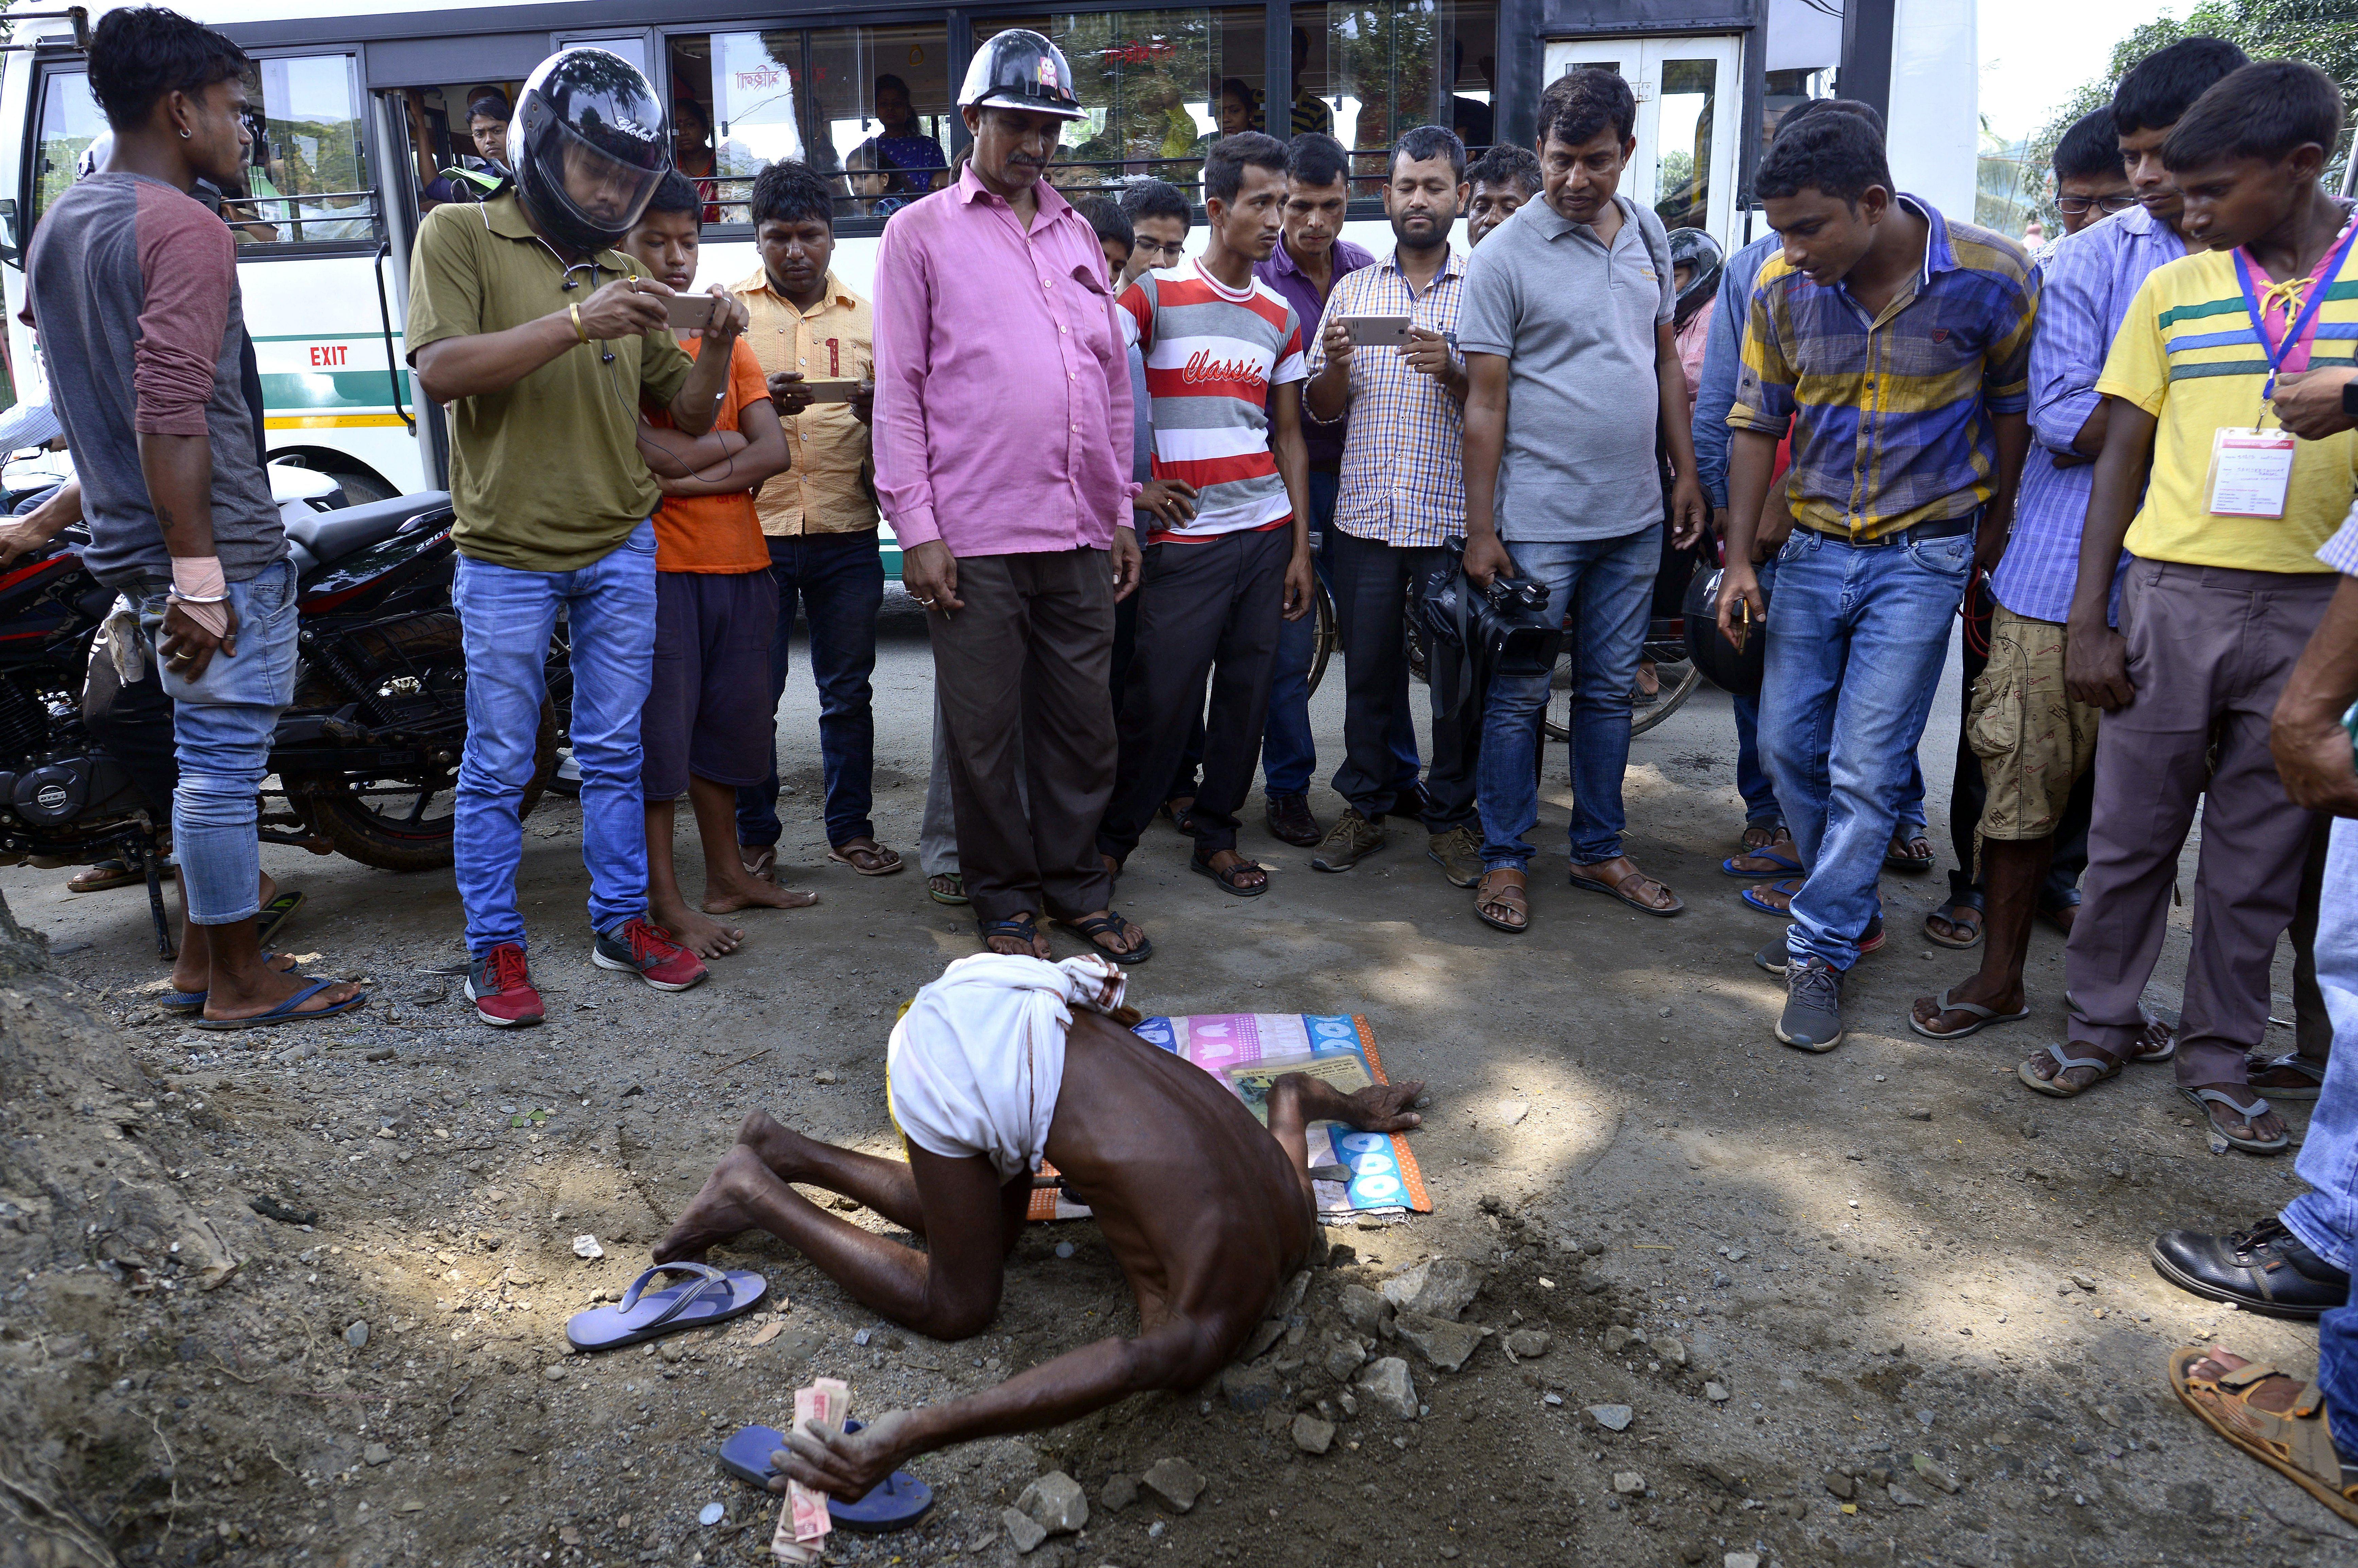 Un religiós indi col·loca el seu cap en un forat sota la terra per demostrar els seus dots místics a Guwahati (Índia). /STR